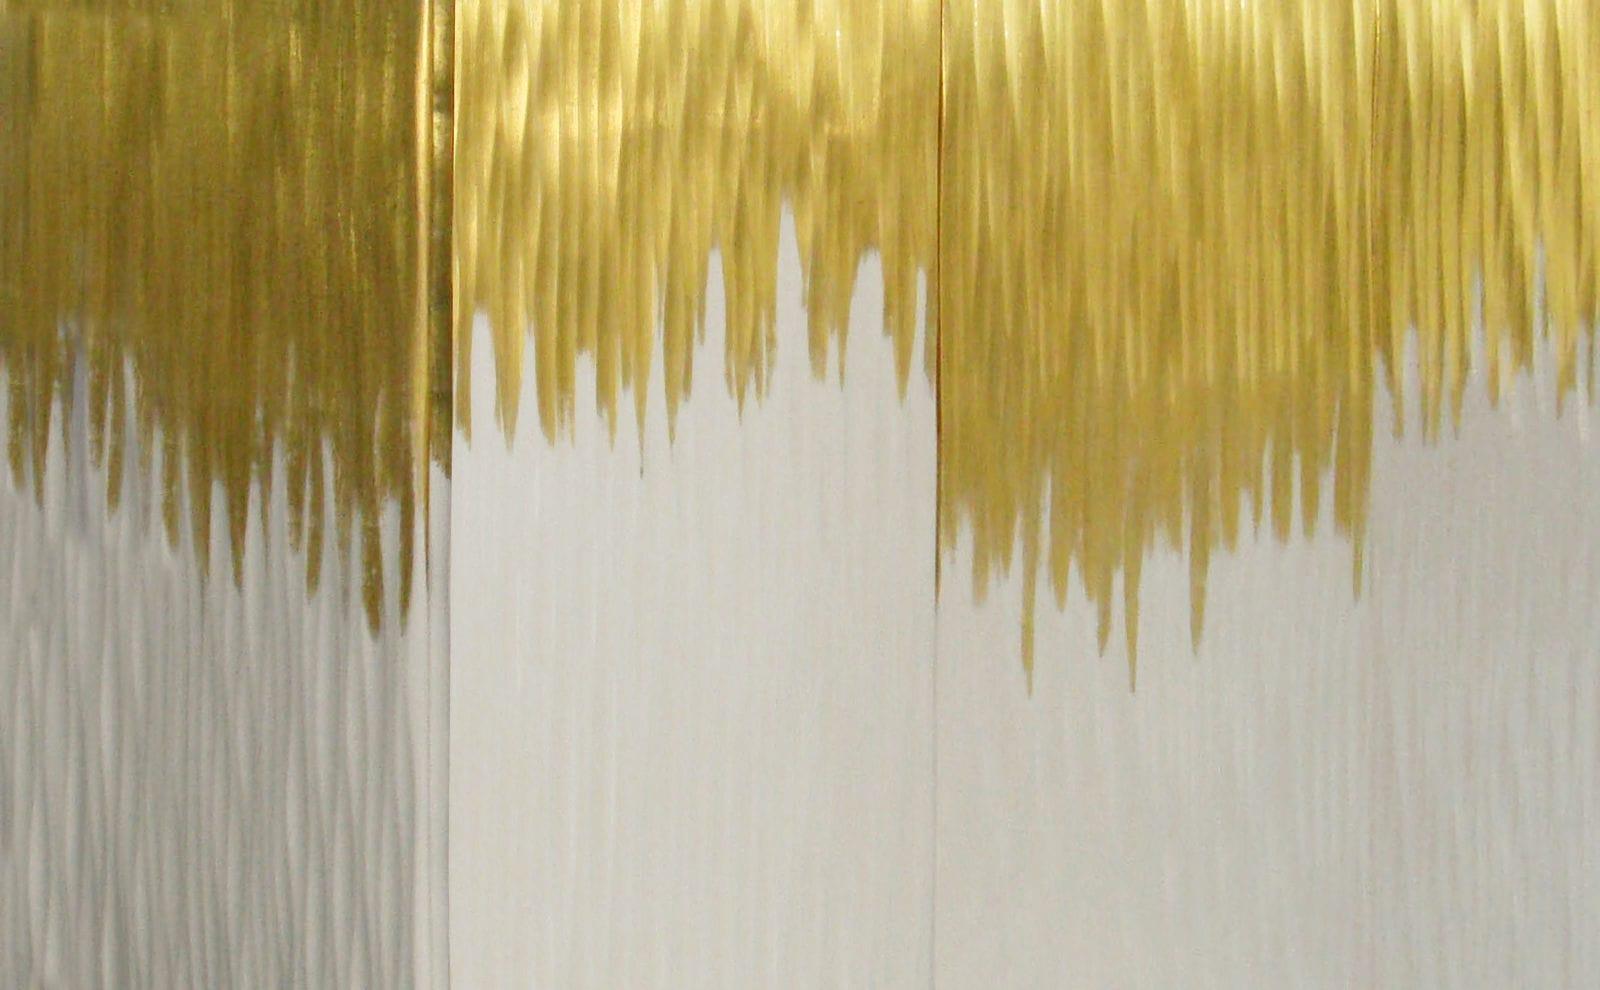 Buffet contemporain   en bois laqué   blanc   doré - MOON GOLD ... d4f89006c806